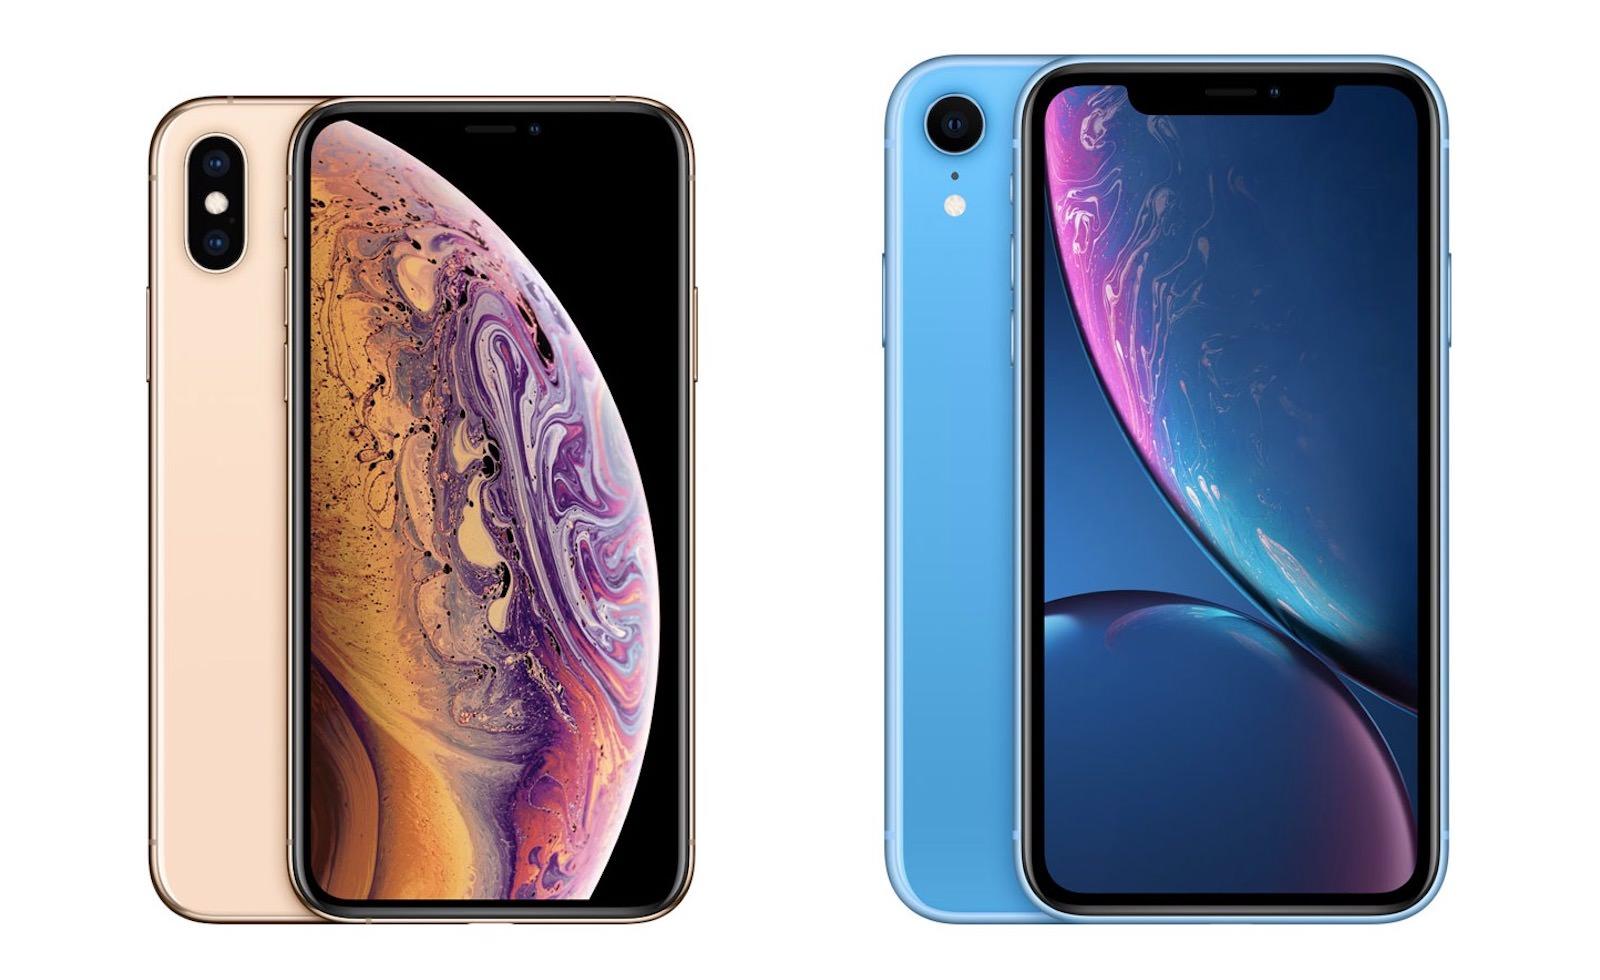 比較】「iPhone XS」と「iPhone XR」、何が違うの?スペックや仕様の ...